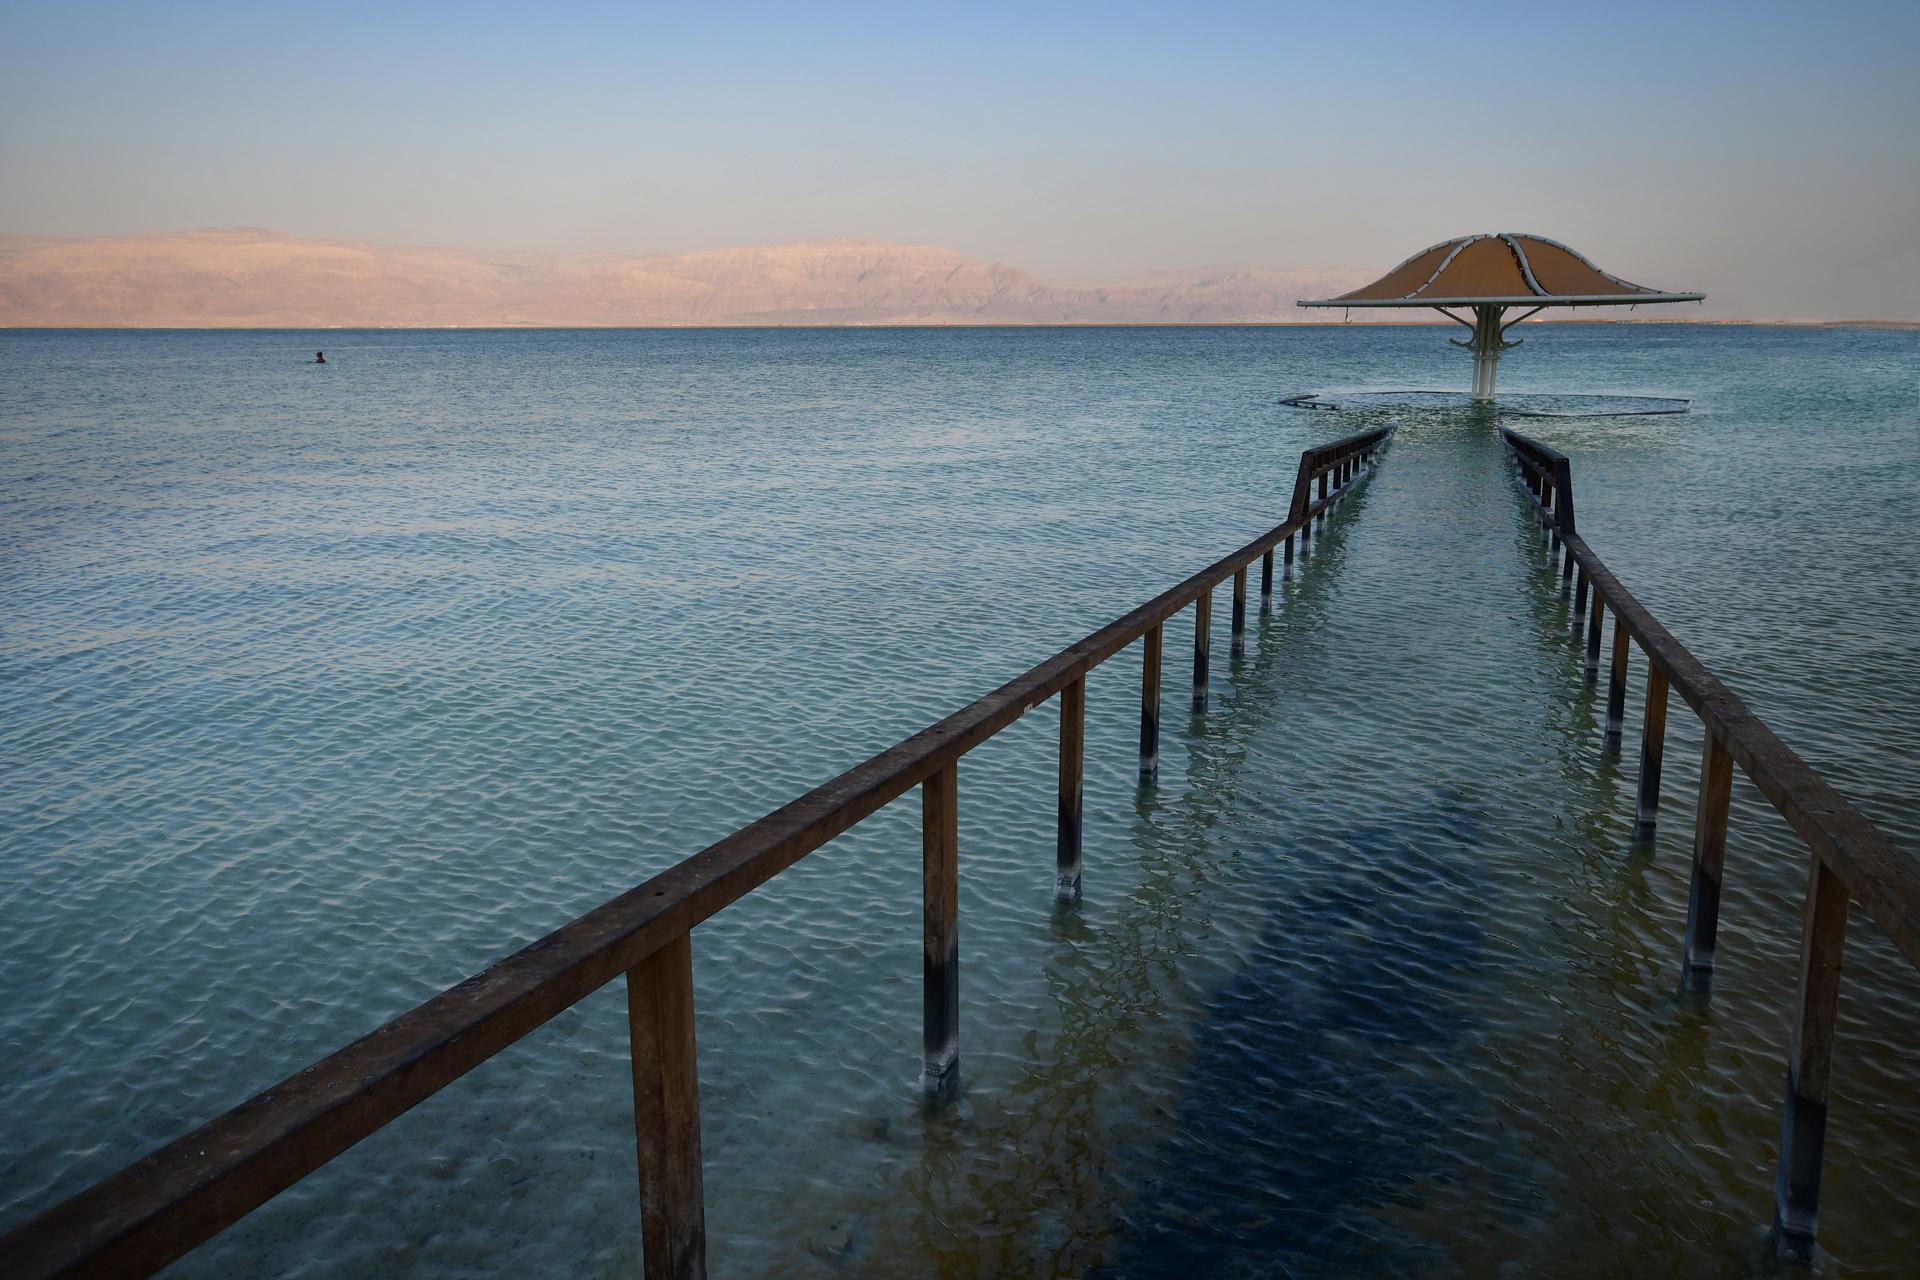 אופק חדש ים המלח - יואל שתרוג - אדמה יוצרת - yoel sitruk